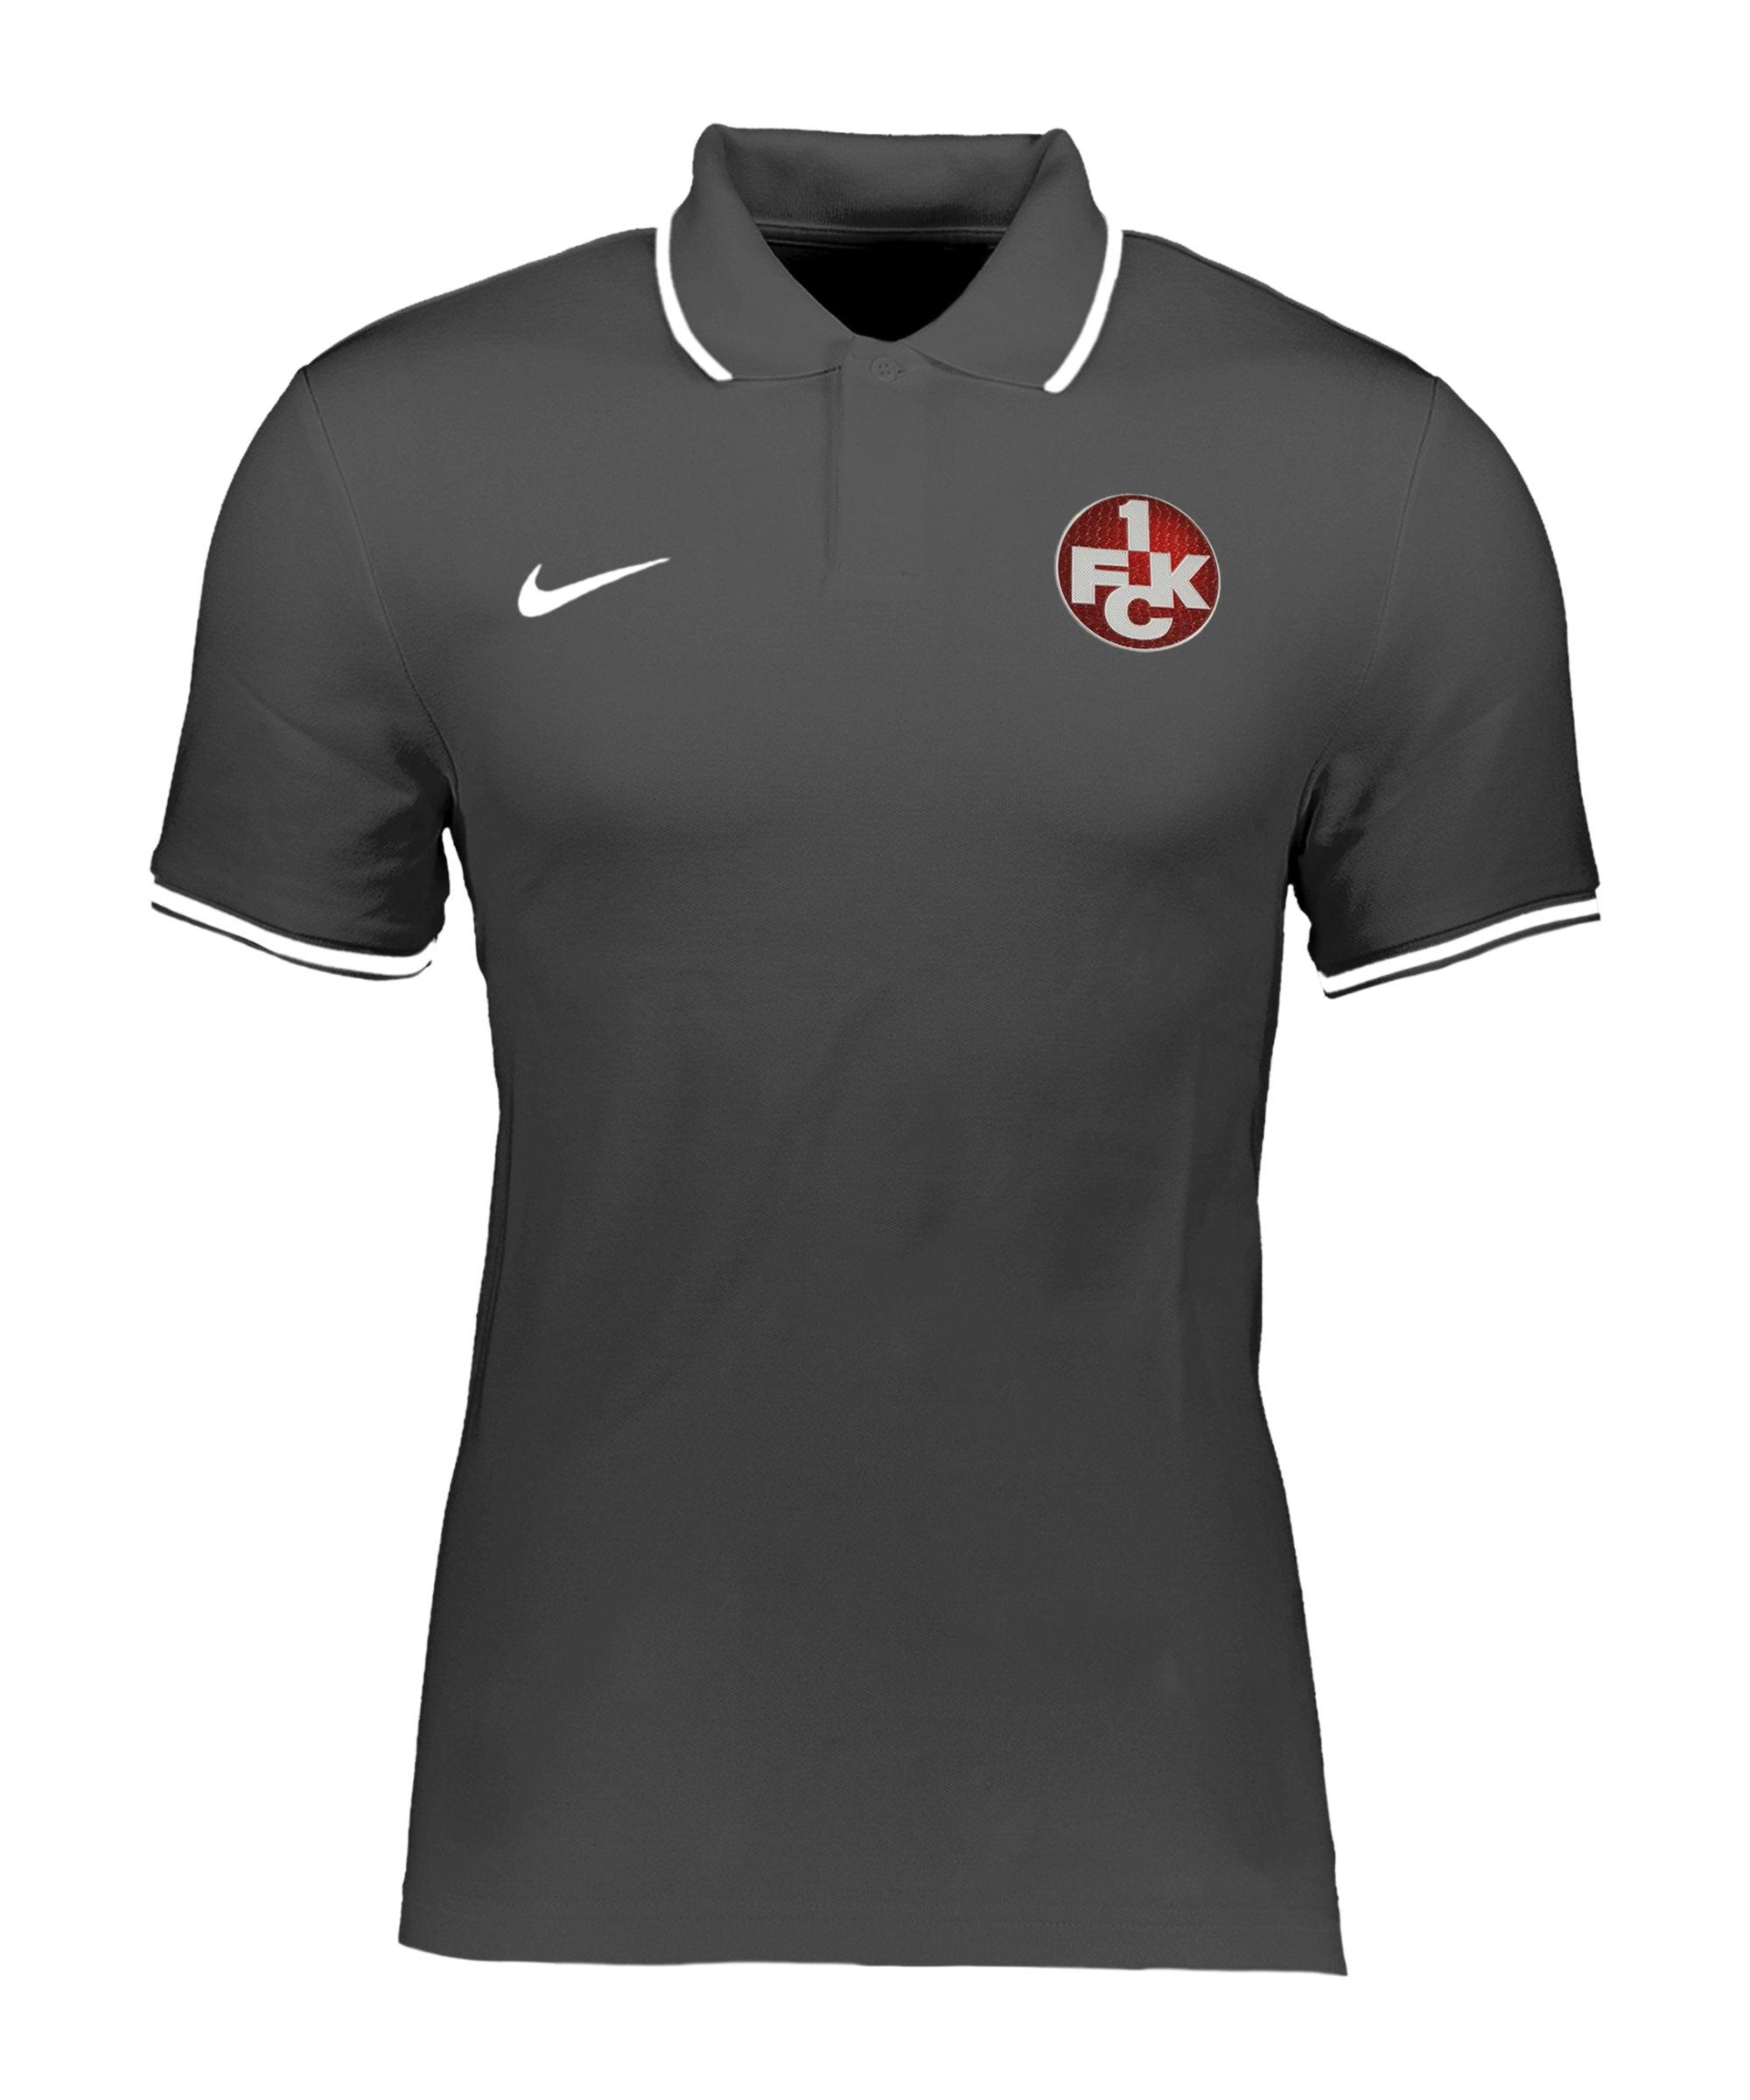 Nike 1. FC Kaiserslautern Poloshirt Saison 20/21 F071 - grau